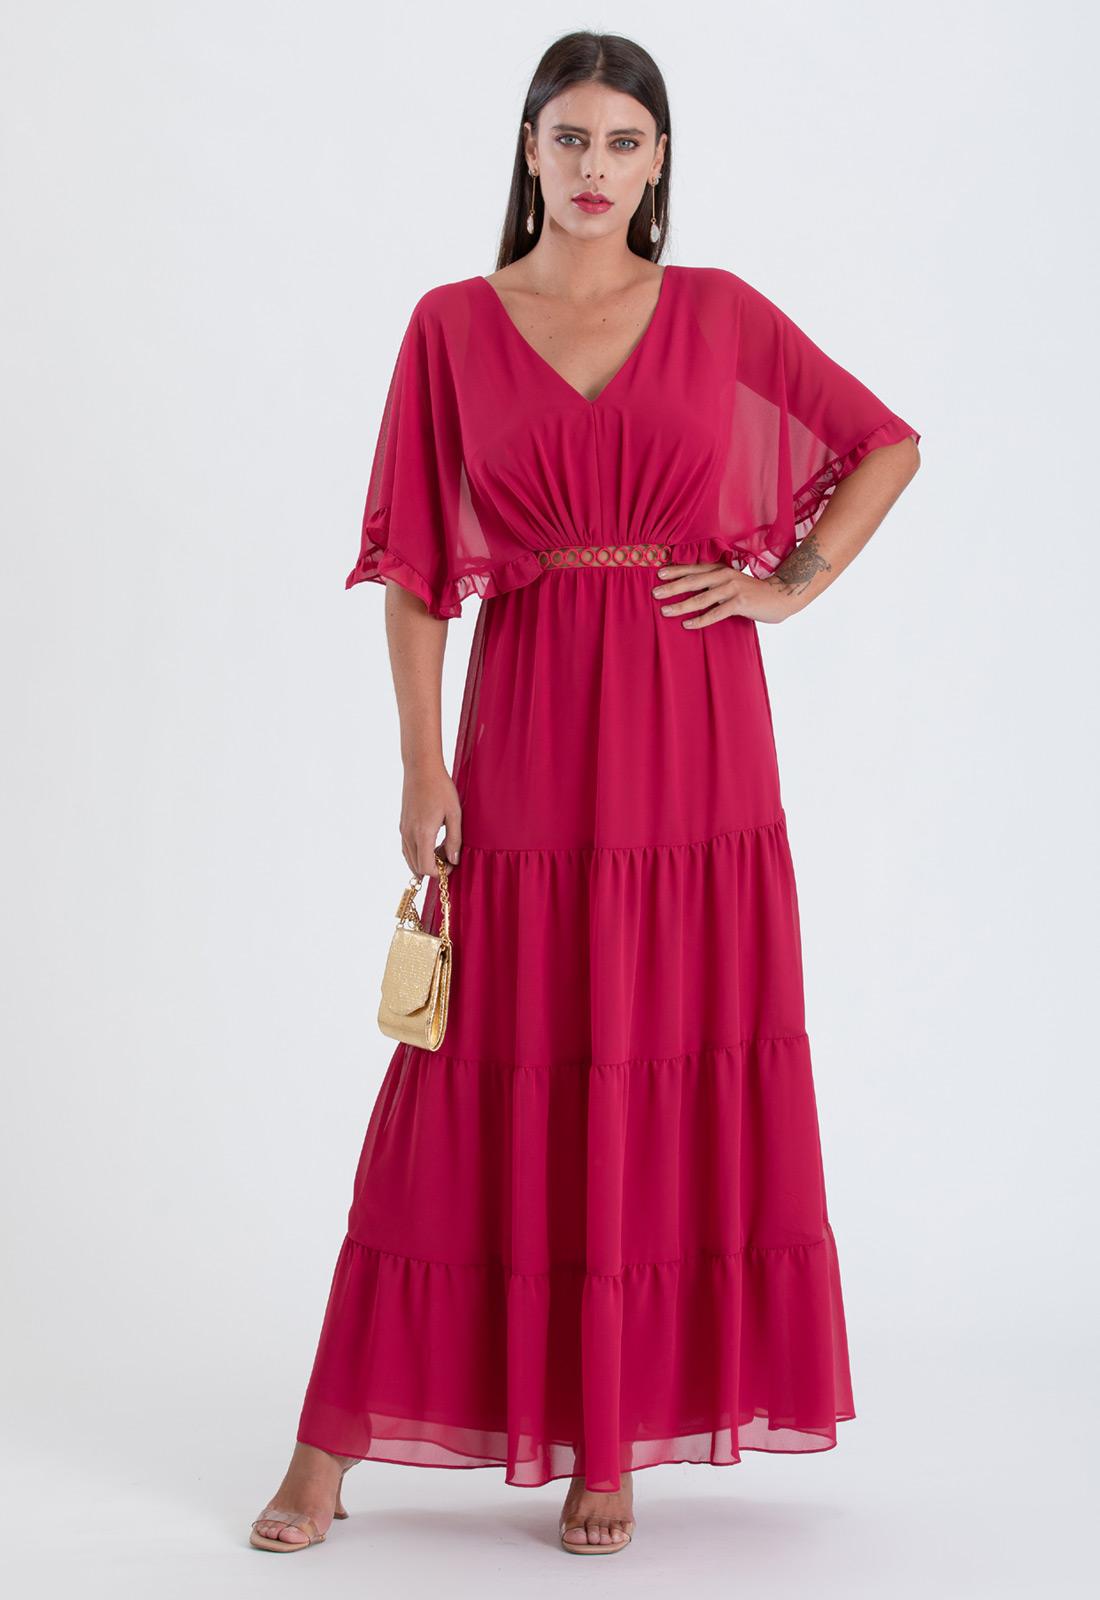 Vestido maxi magenta com detalhe guippir Ref. 2647